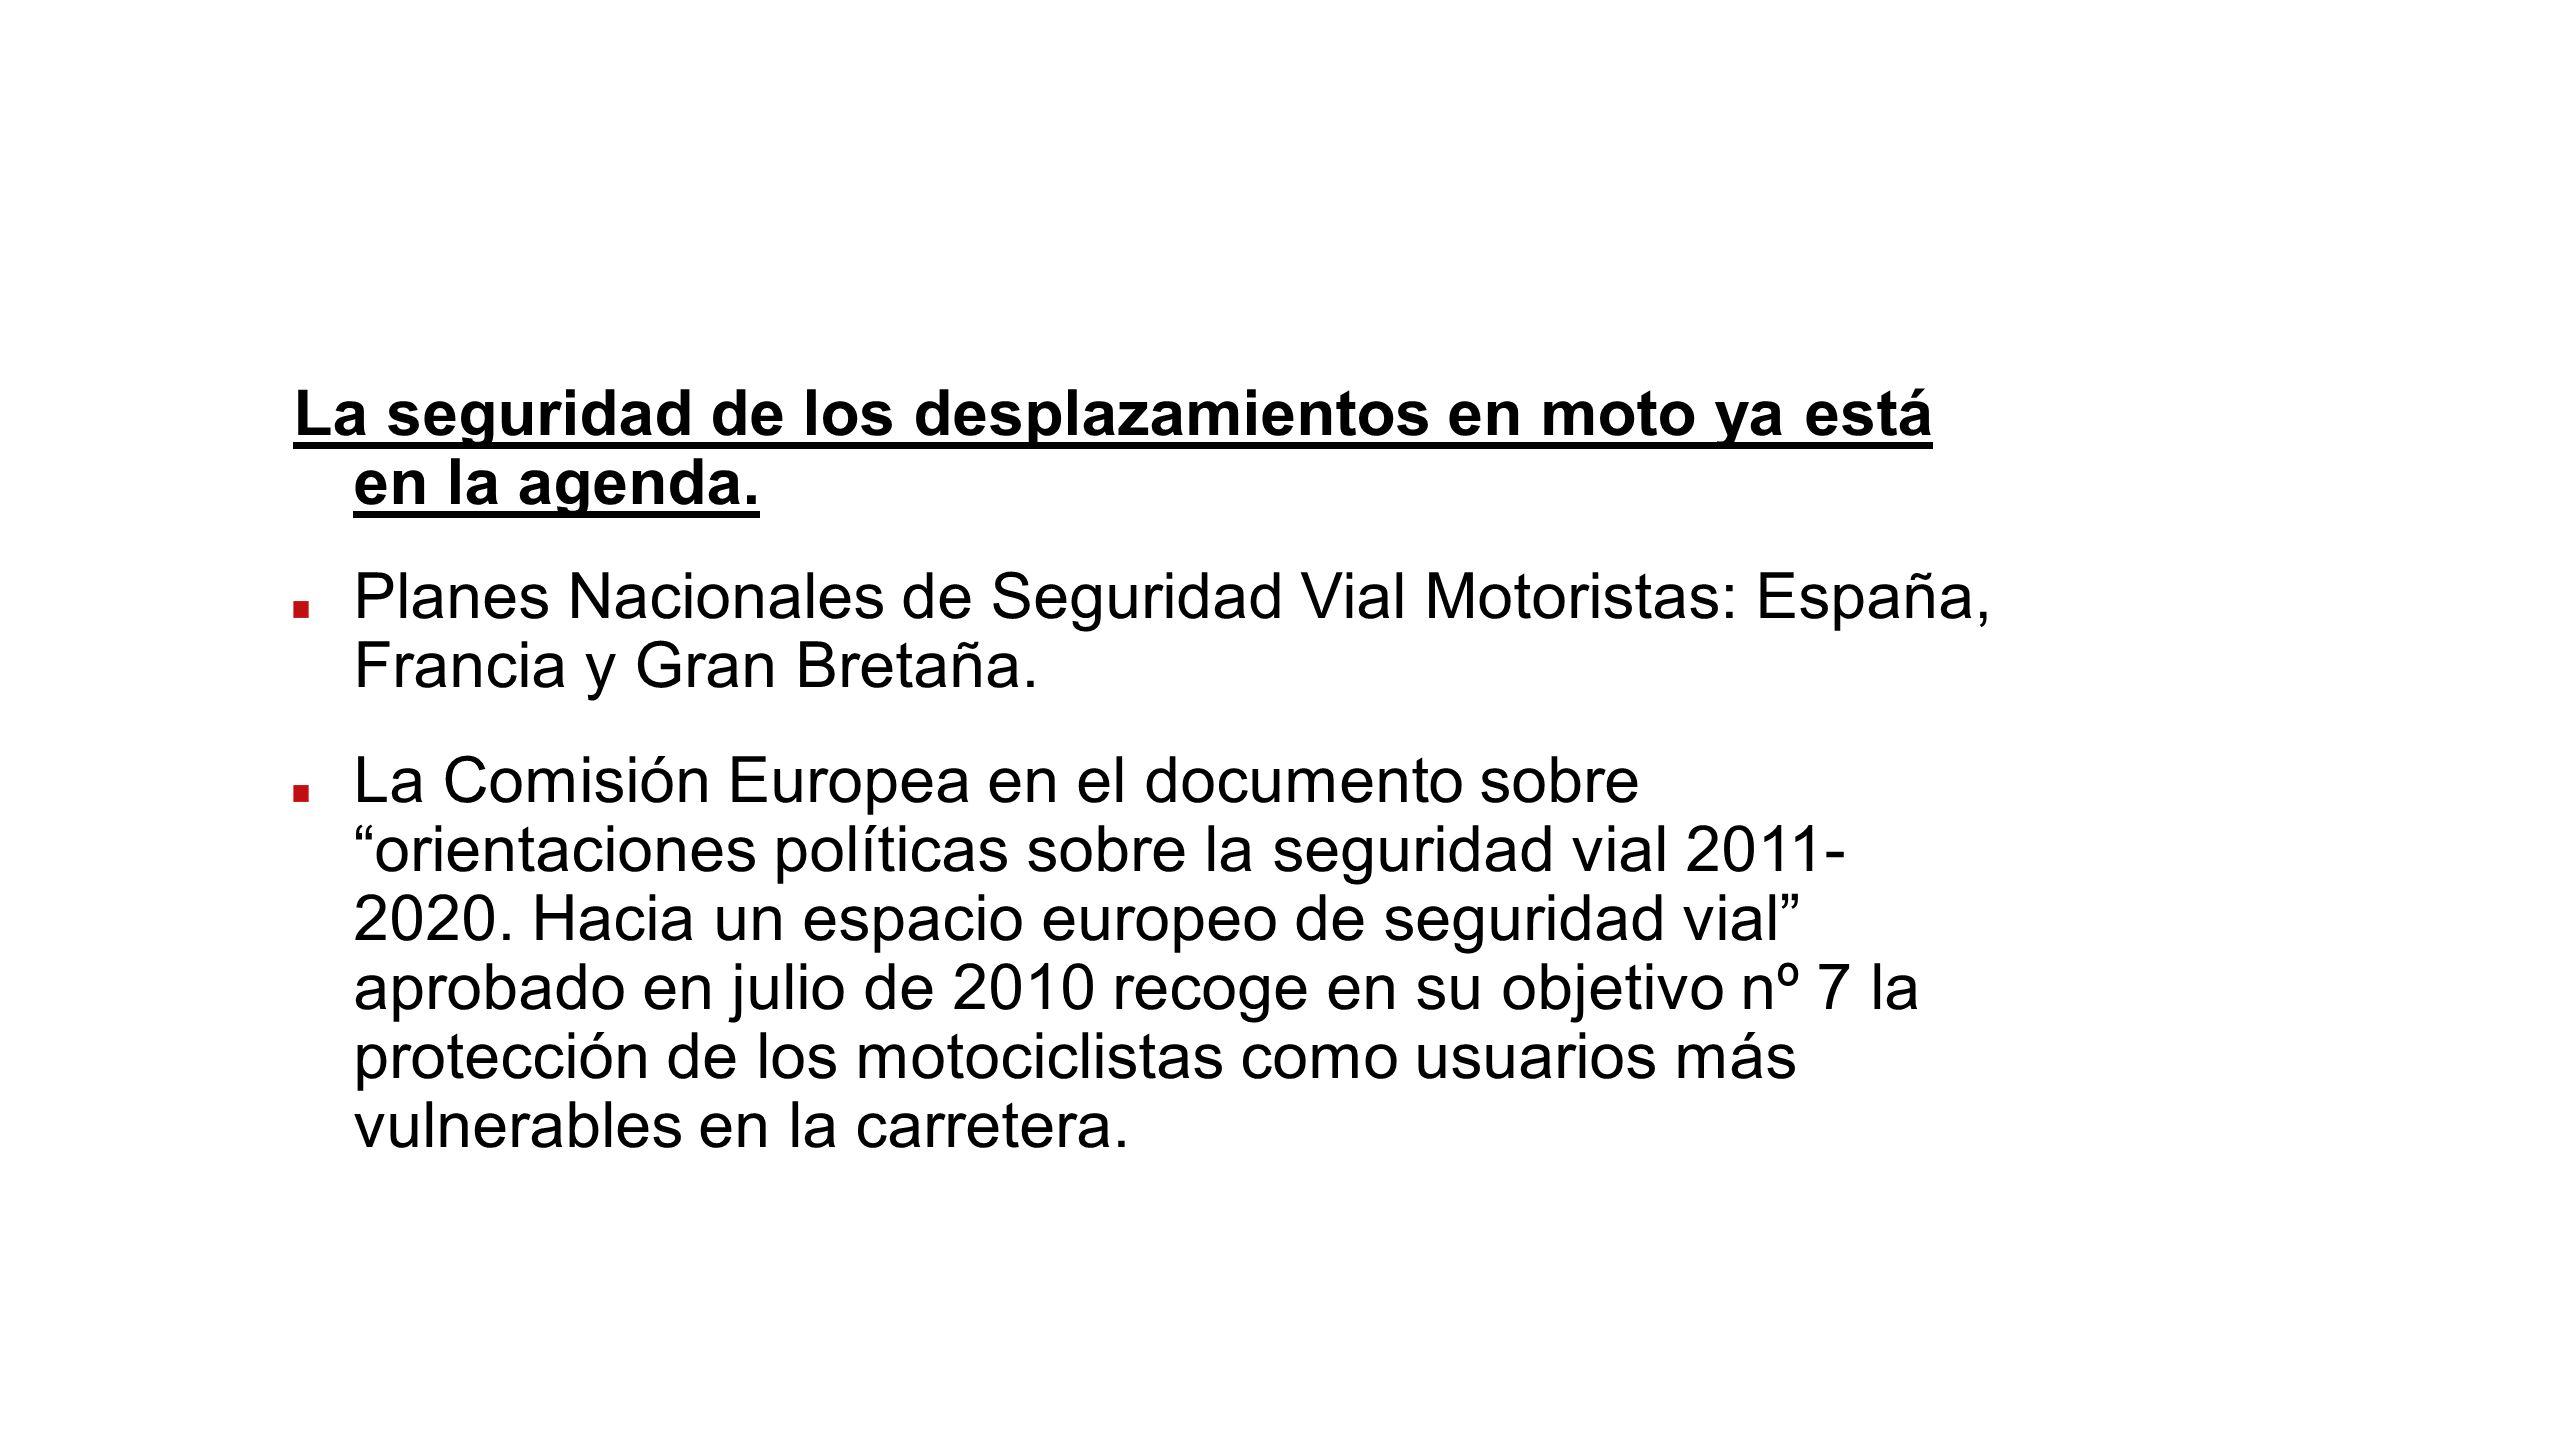 La seguridad de los desplazamientos en moto ya está en la agenda. Planes Nacionales de Seguridad Vial Motoristas: España, Francia y Gran Bretaña. La C